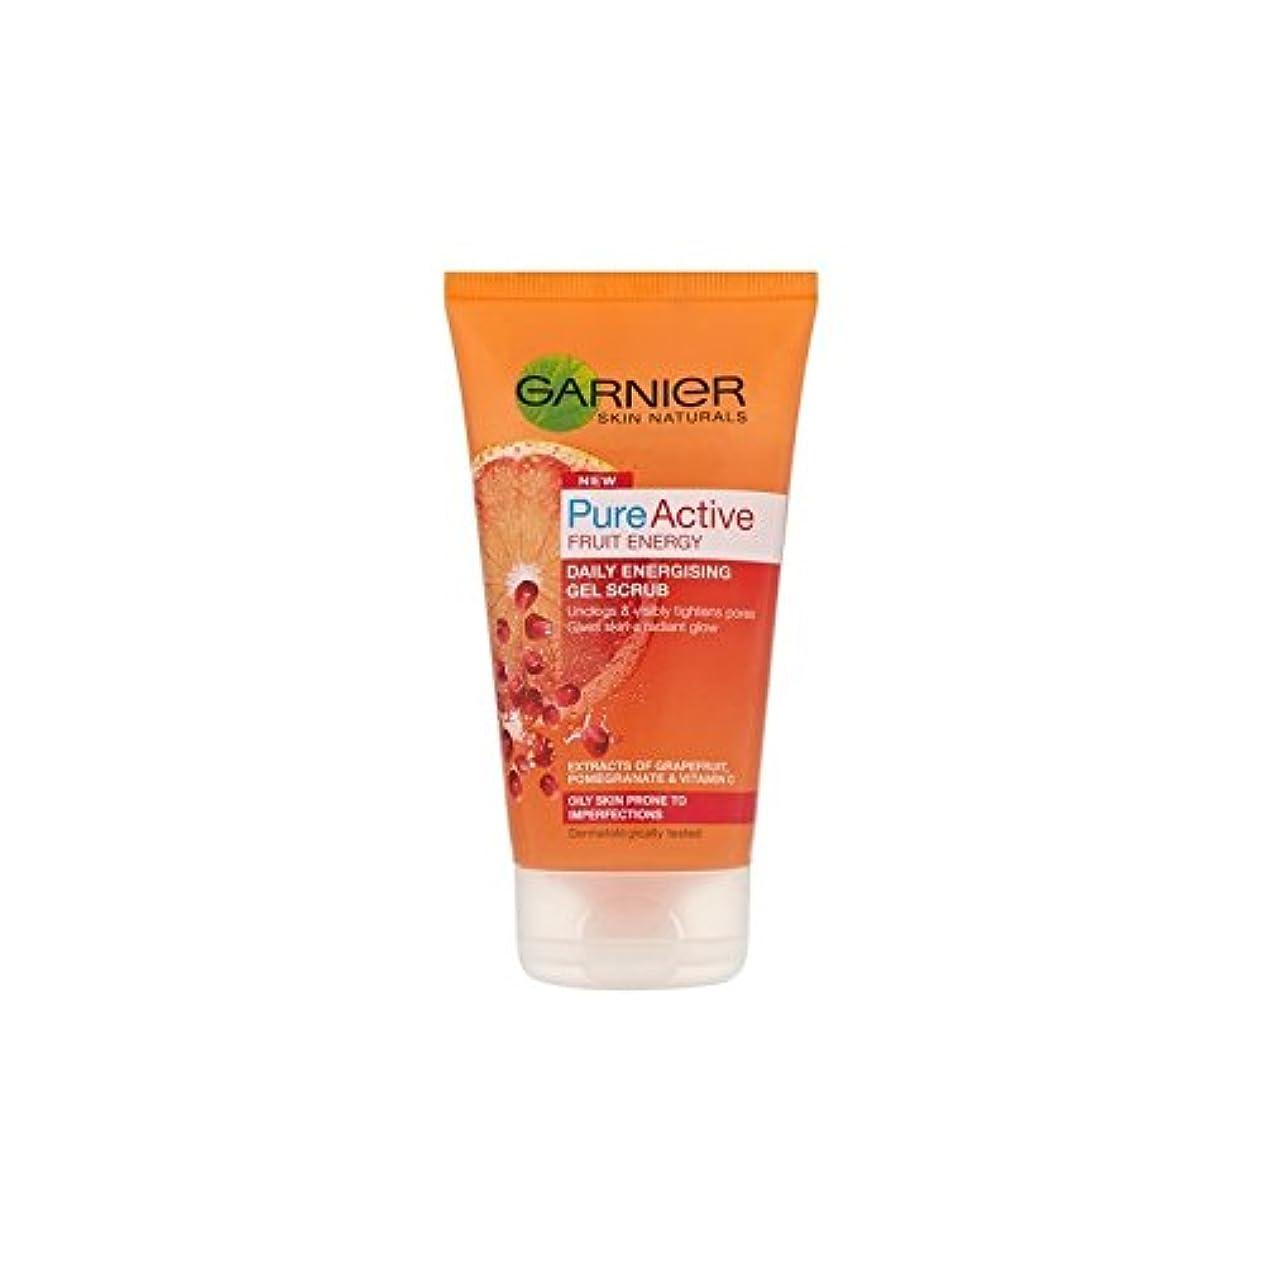 酸化する課税おもちゃ純粋な活性通電ゲルスクラブ(150ミリリットル)ガルニエ皮膚ナチュラル x4 - Garnier Skin Naturals Pure Active Energising Gel Scrub (150ml) (Pack of 4) [並行輸入品]